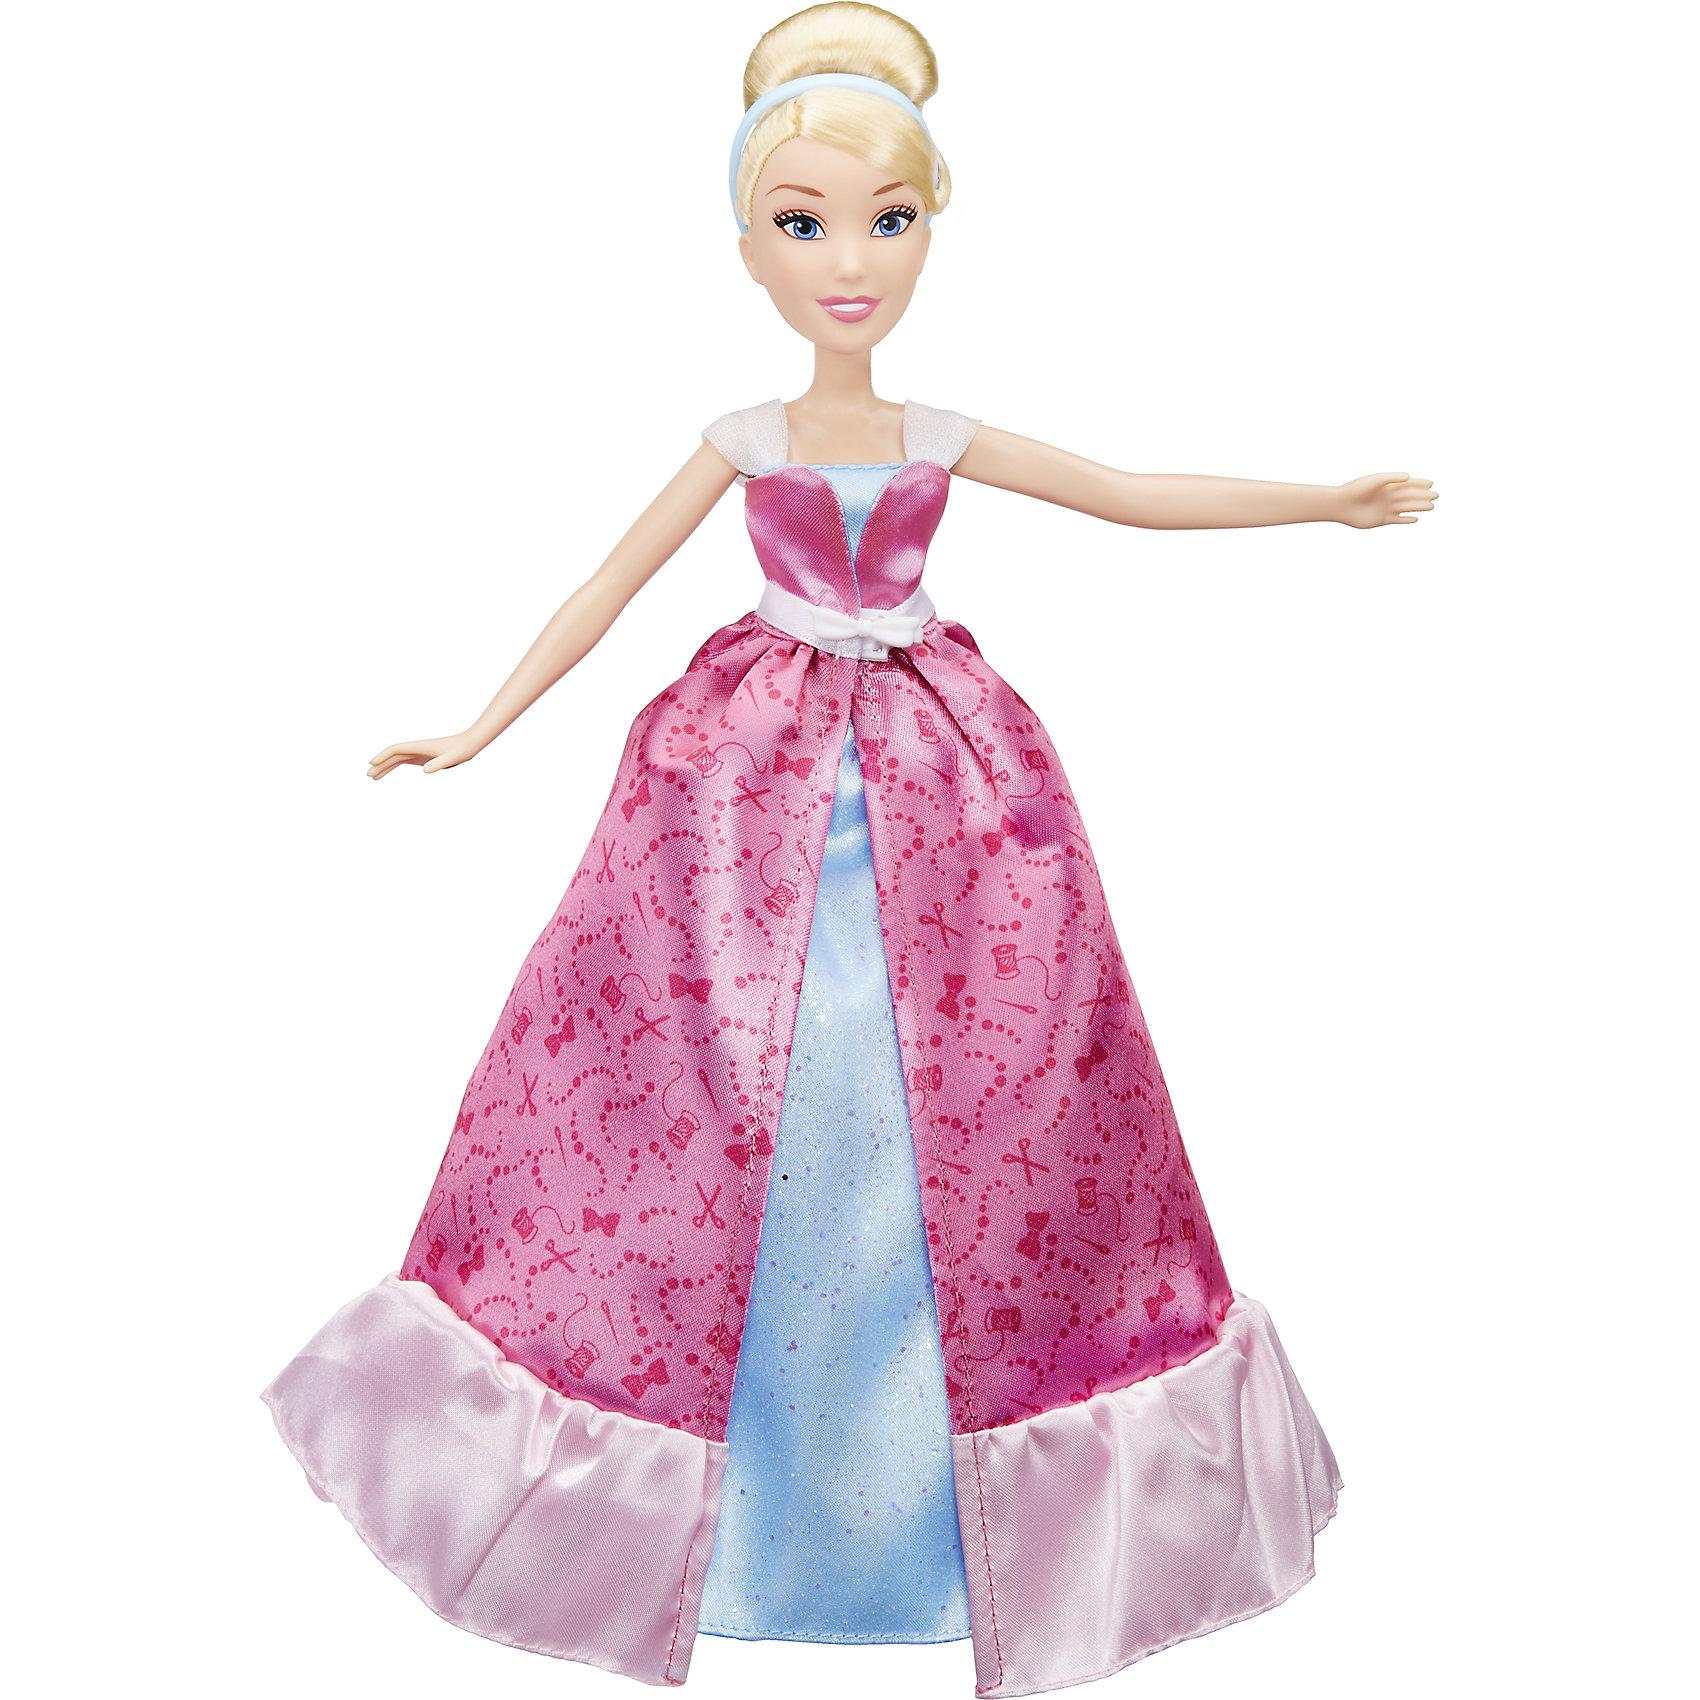 Модная кукла Золушка в роскошном платье-трансформере, Принцессы ДиснейИгрушки<br>Модная кукла Золушка в роскошном платье-трансформере, Принцессы Дисней<br><br>Характеристики:<br><br>- в набор входит: кукла, двойное платье <br>- состав: пластик, текстиль<br>- для детей в возрасте: от 3 до 10 лет<br>- Страна производитель: Китай<br><br>Прекрасная принцесса Золушка известна по мультфильмам компании Дисней. Эта кукла изготовлена по лицензии правообладателя известным американским производителем товаров для детей Hasbro (Хасбро). Кукла с большими и выразительными глазами и белоснежной улыбкой выглядит просто великолепно. Ее пышные пшеничные волосы прошиты по всей голове и уложены в элегантную прическу. Она одета в розовое платье с рисунками ножниц, ниток и бусин-пуговичек, платье украшено белым поясом с бантиком. Если снять верхнюю часть платья, то Золушка предстанет в ее бальном наряде небесно-голубого цвета. Сияющее платье ей очень идет и выглядит совсем как в мульфильме.<br><br>Кукла может поворачивать голову, расставлять в разные стороны руки и поворачивать их в плечах, также может поворачивать ногами в бедрах. Отправьтесь на встречу приключениям вместе с принцессой Золушкой. Игры с куклами развивают социальные навыки, развивают воображение и творческие способности. <br><br>Модную куклу Золушка в роскошном платье-трансформере, Принцессы Дисней можно купить в нашем интернет-магазине.<br><br>Ширина мм: 325<br>Глубина мм: 201<br>Высота мм: 65<br>Вес г: 240<br>Возраст от месяцев: 36<br>Возраст до месяцев: 84<br>Пол: Женский<br>Возраст: Детский<br>SKU: 5225702